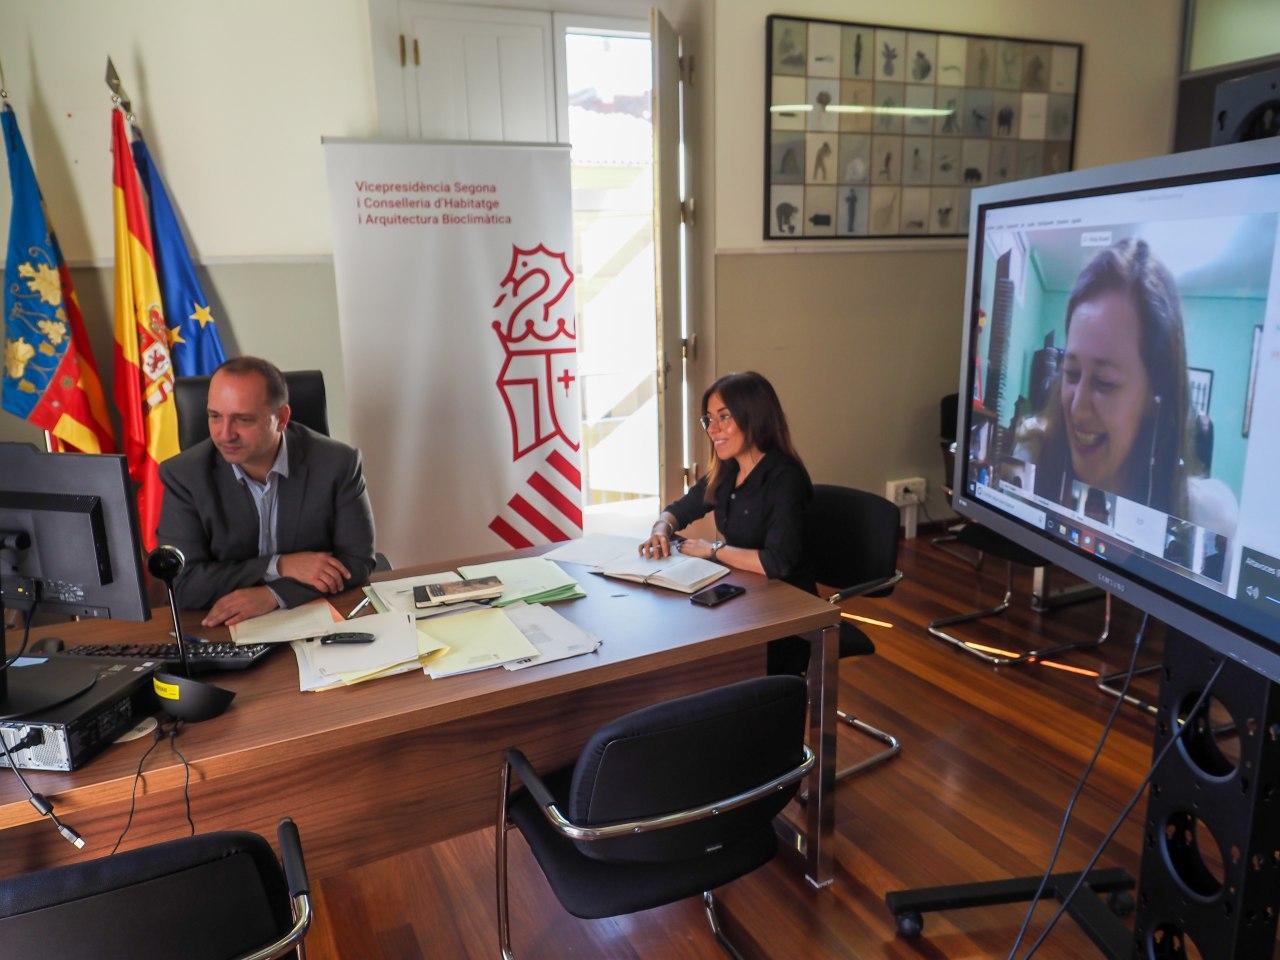 Martínez Dalmau anuncia que el 10 % de la nueva adquisición de viviendas se destinará a las víctimas de violencia de género